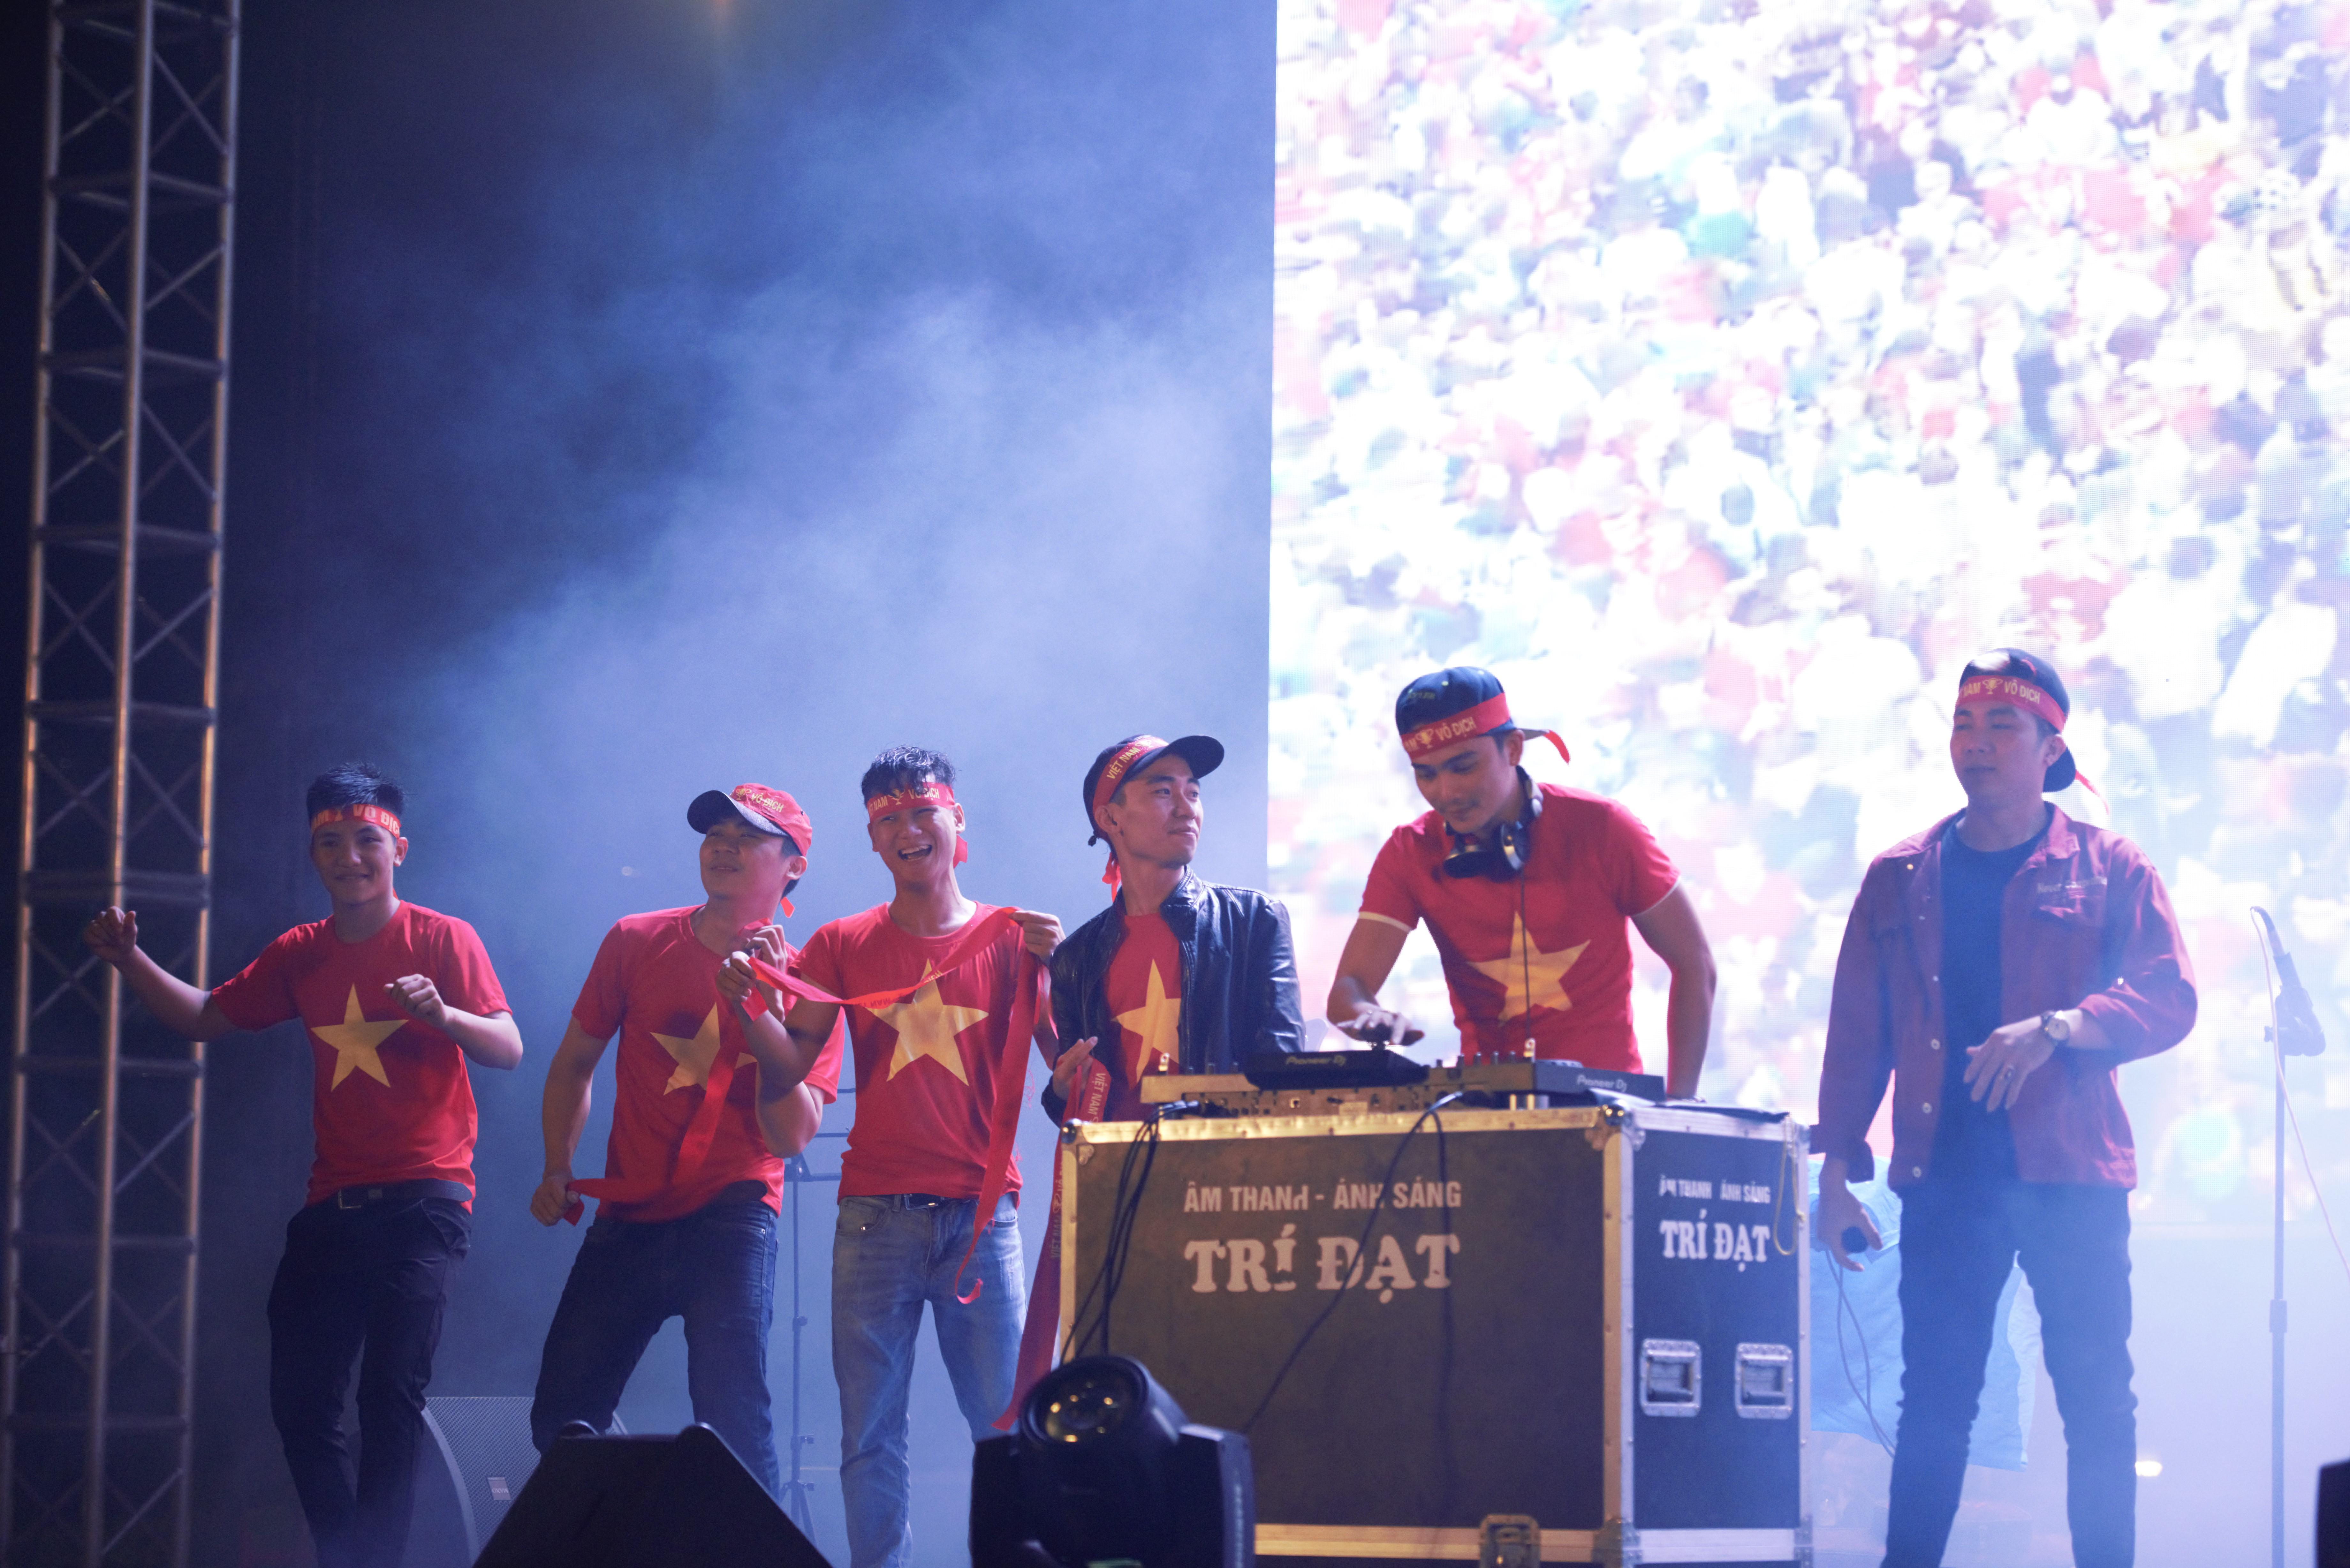 Ban nhạc R.A.T cùng vũ đoàn Bluskey và Dj Huỳnh Vĩnh tại đêm hội đồng hành cùng đội tuyển Việt Nam.